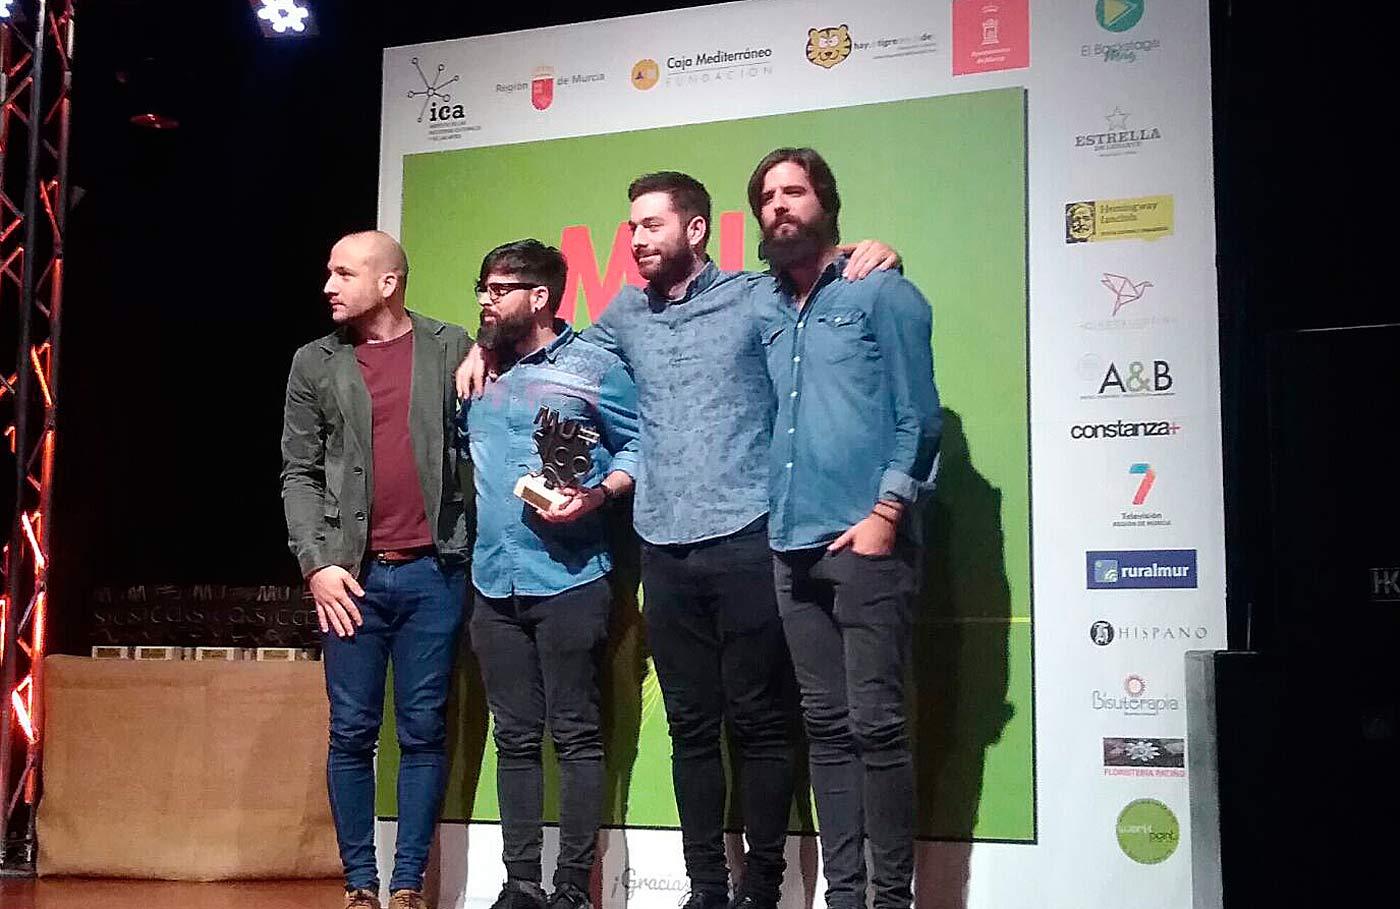 Palmarés repartido en los Premios de la Música de Murcia